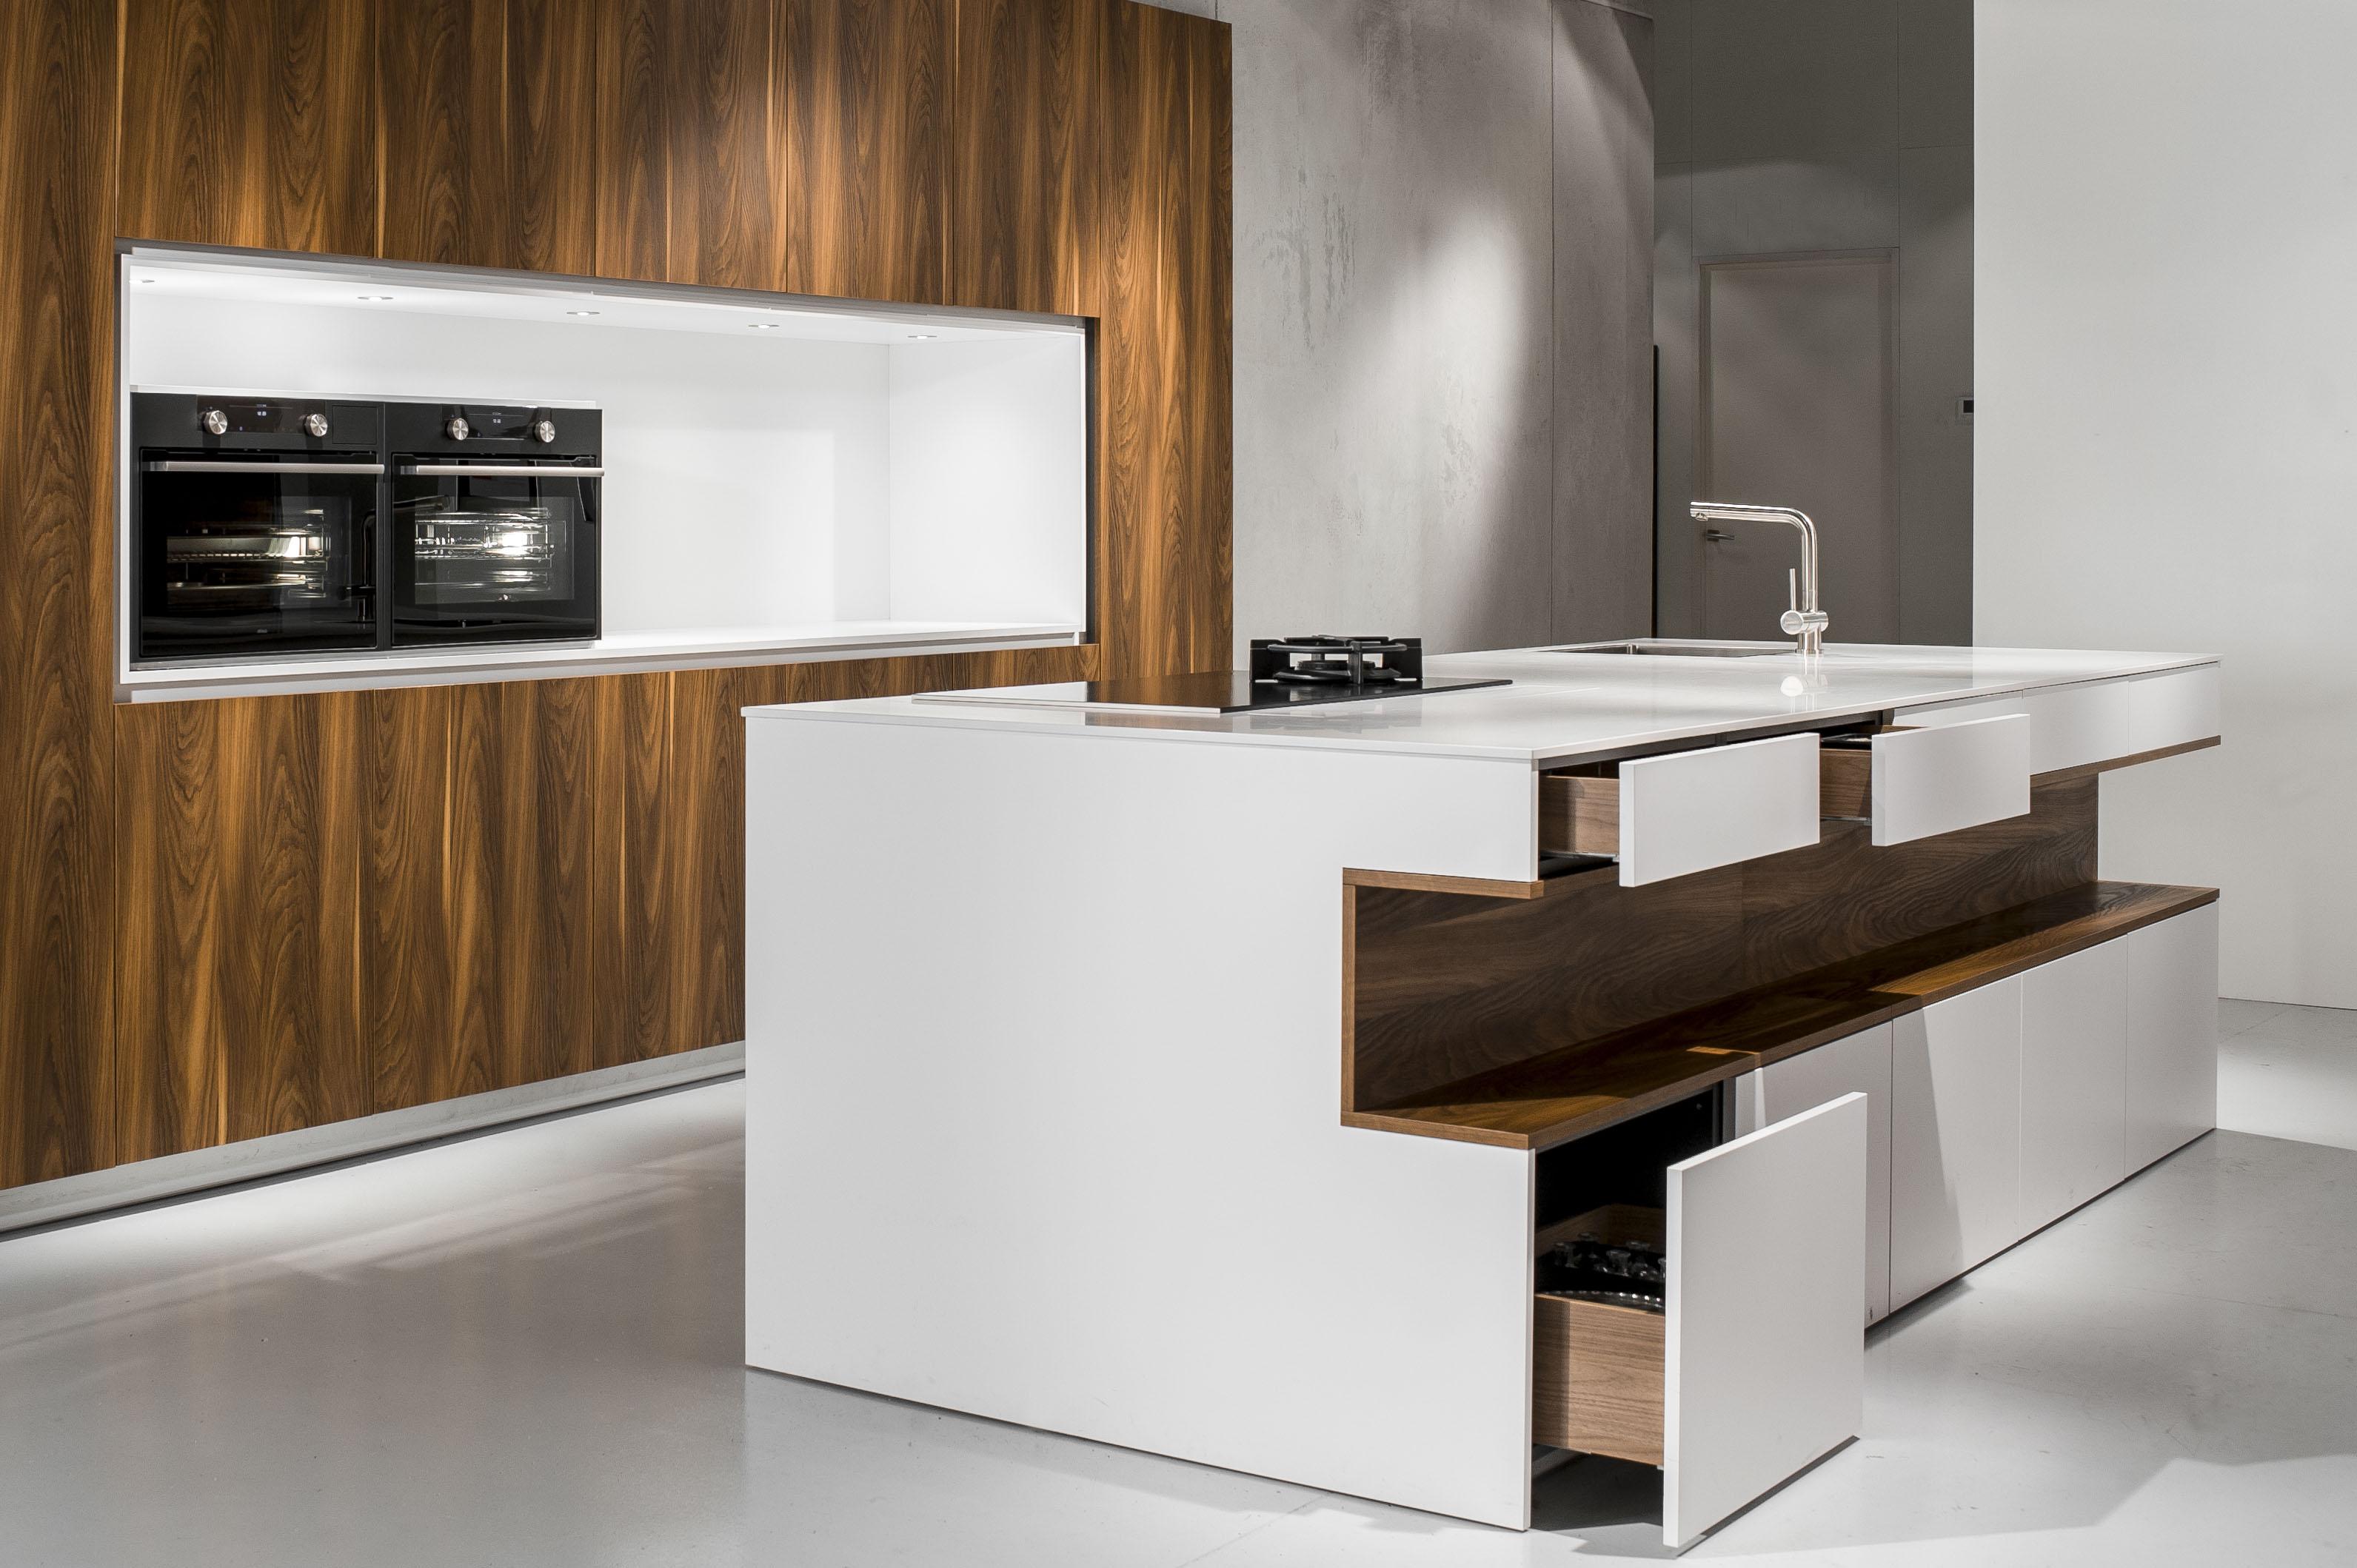 Awesome onderdelen bruynzeel keukens keukens apparatuur